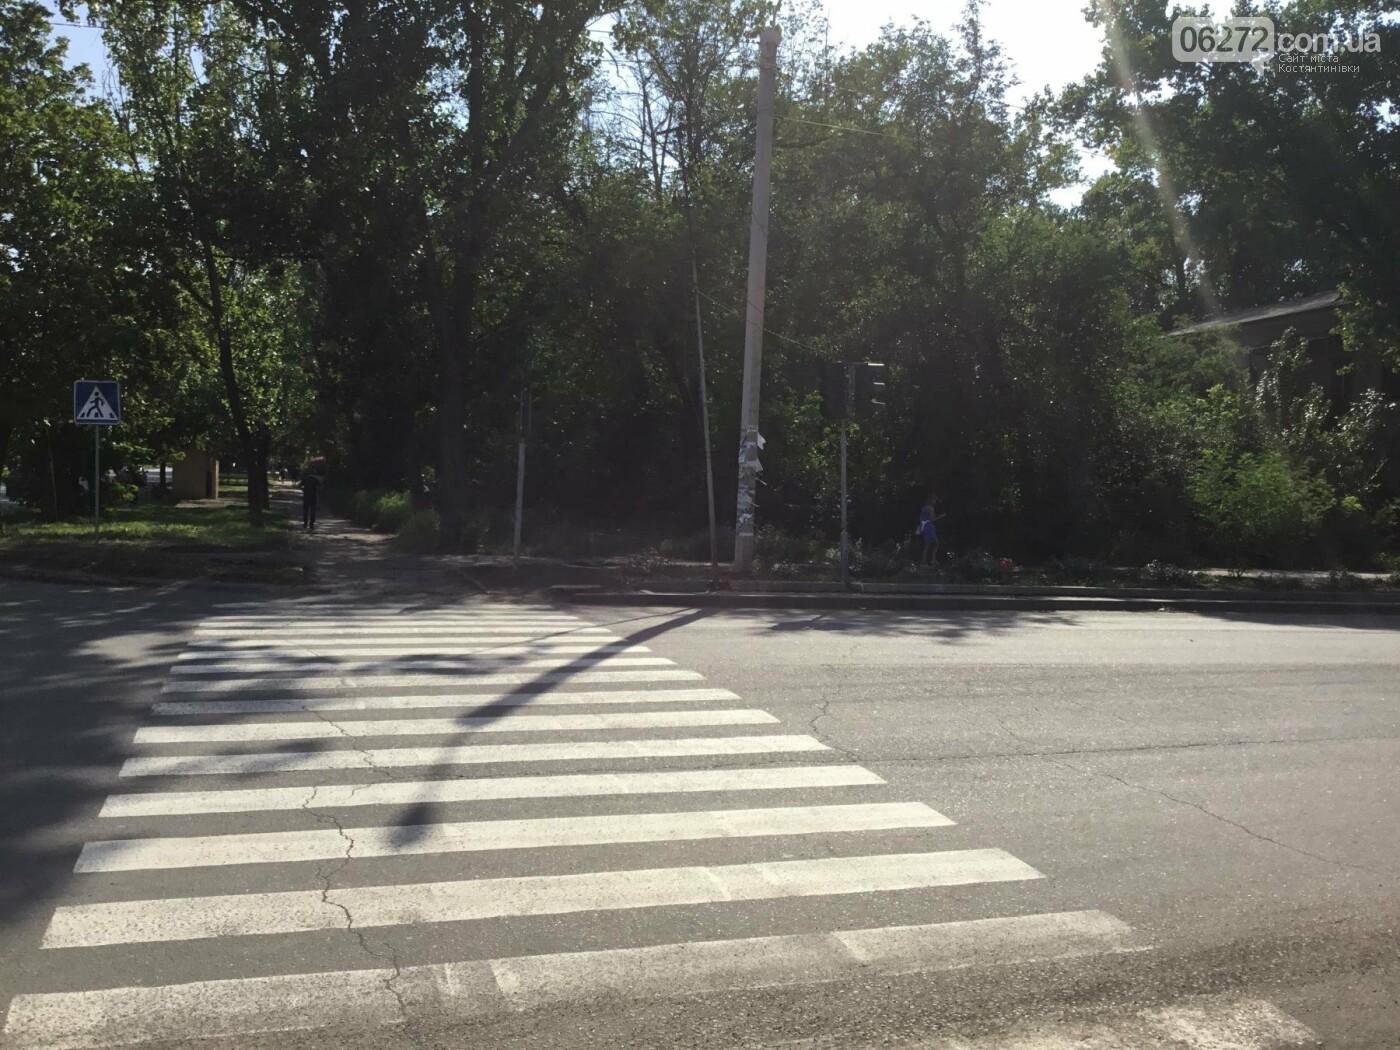 В Константиновке не работают светофоры по проспекту Ломоносова, фото-3